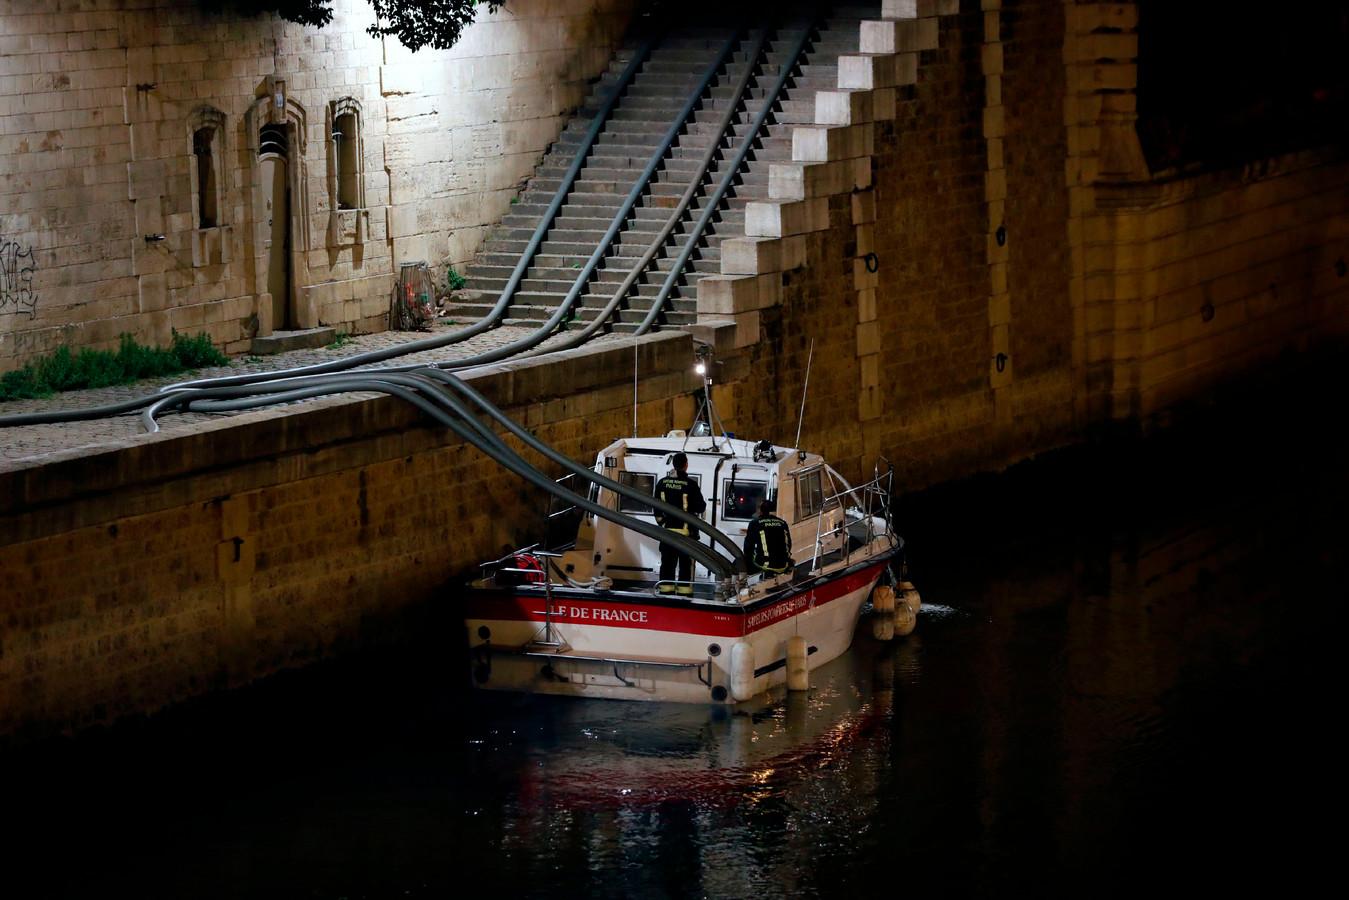 De rivier de Seine, die dwars door Frankrijk slingert, levert zijn bijdrage aan het bestrijden van het vuur. De rivier is een icoon van de stad, de Notre-Dame van heel Frankrijk.